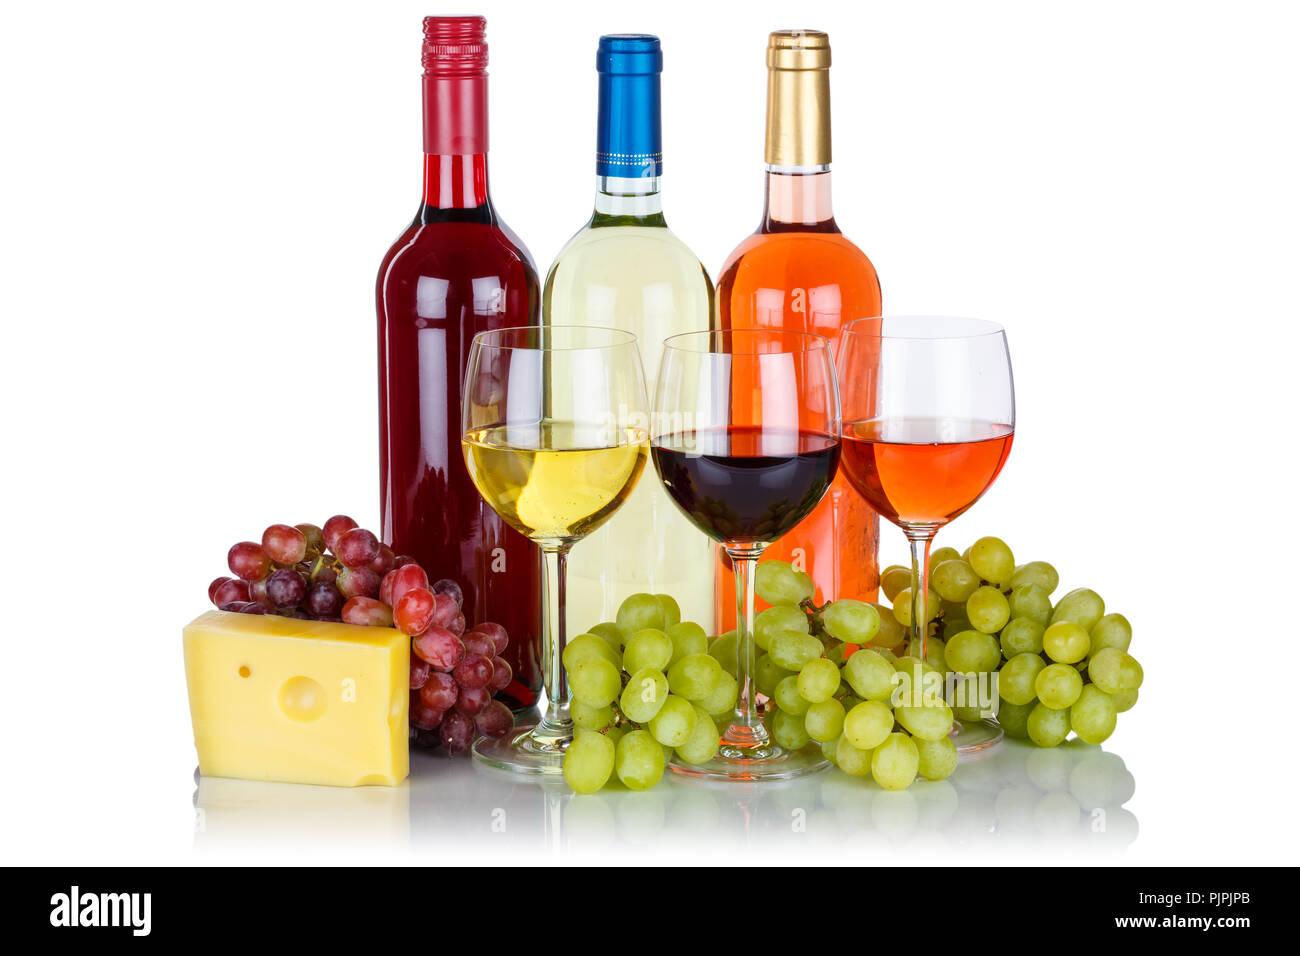 Rose Vino Rosso Vini Formaggi Uva Alcol Isolato Su Uno Sfondo Bianco